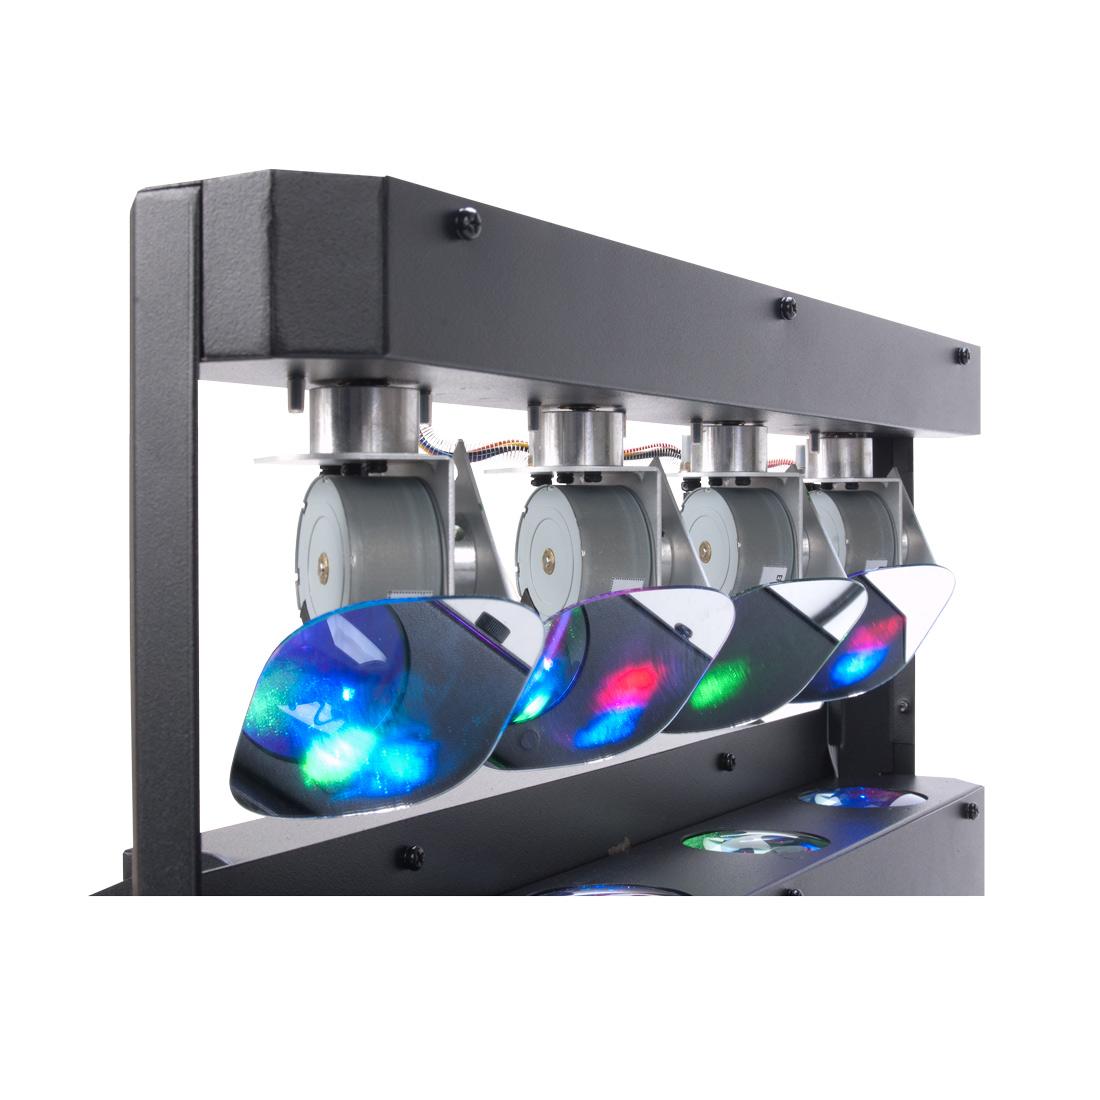 Quad Scan LED